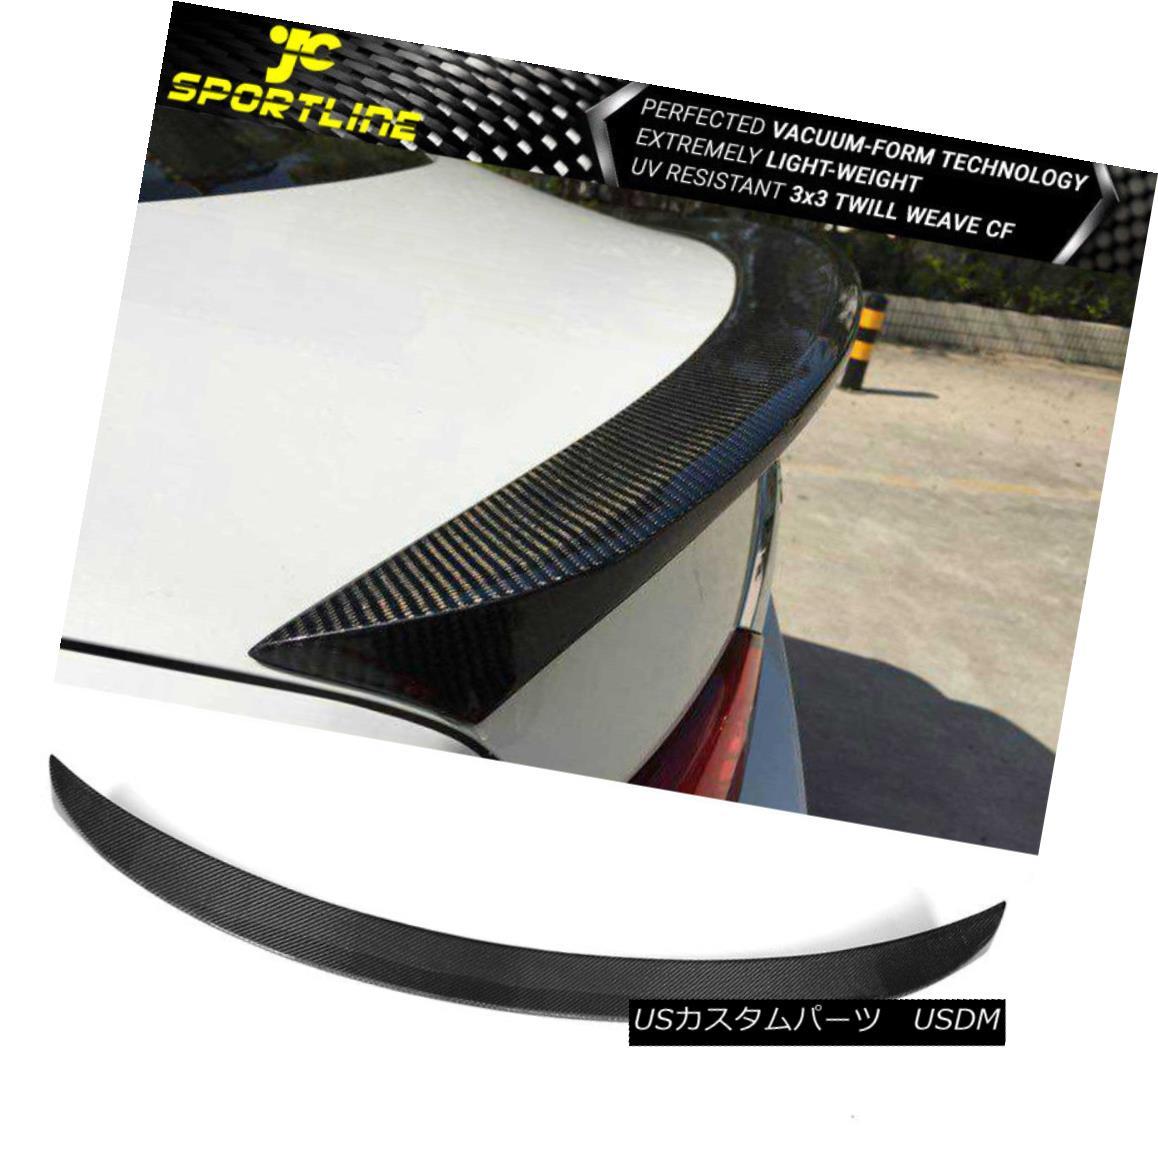 エアロパーツ Fits 14-18 Infiniti Q50 All Trunk Spoiler Wing Full Carbon Fiber CF フィット14-18 Infiniti Q50すべてのトランク・スポイラー・ウィング・フル・カーボン・ファイバーCF